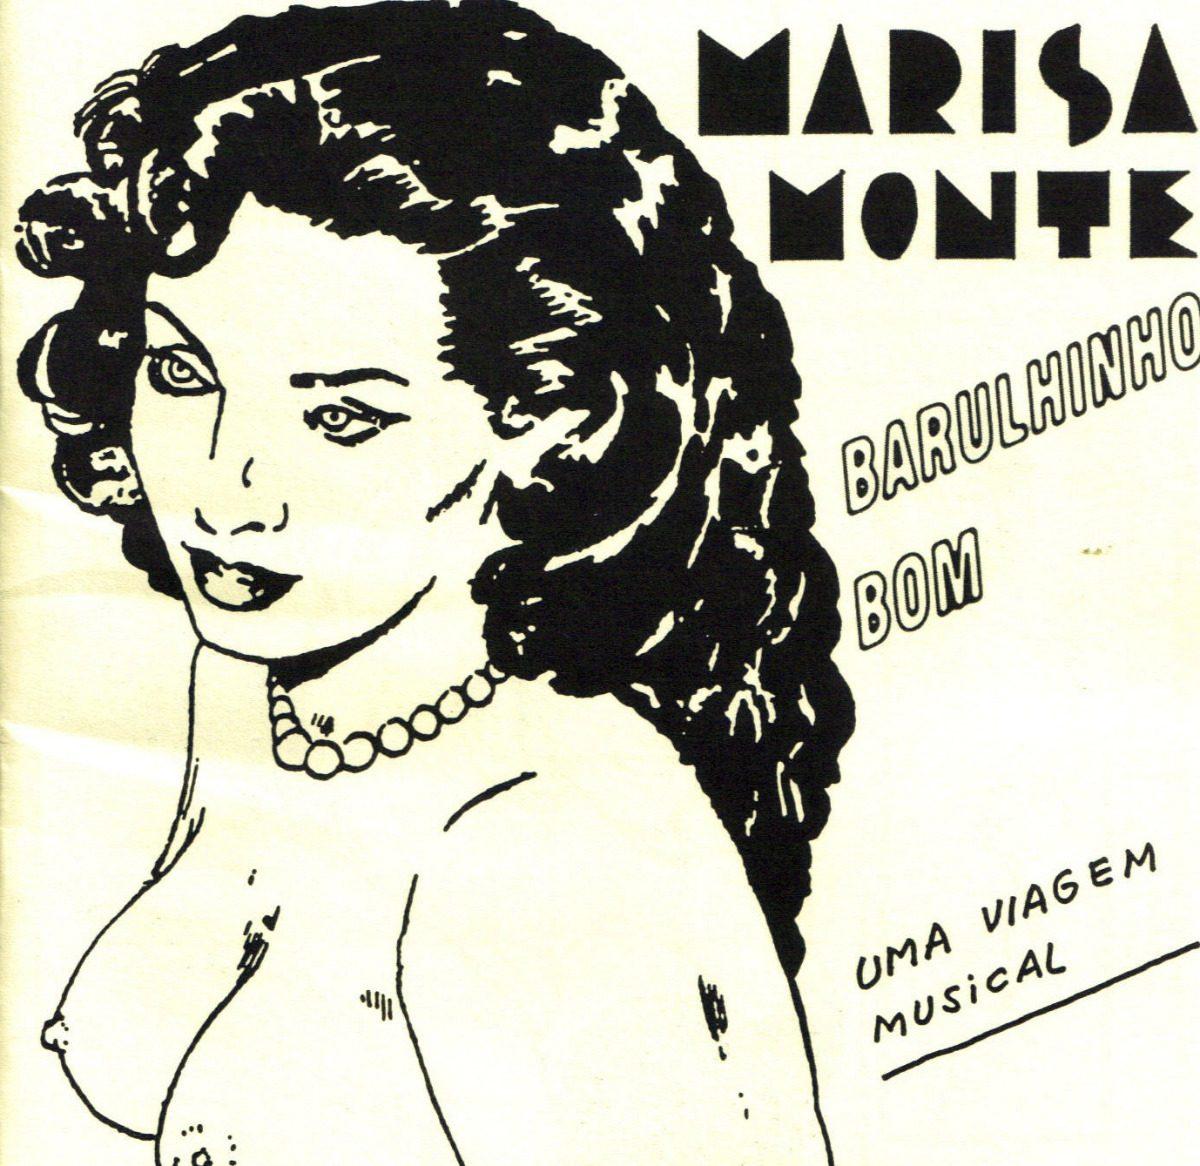 cd-marisa-monte-barulhinho-bom-uma-viagem-musical-D_NQ_NP_14015-MLB200966863_336-F.jpg